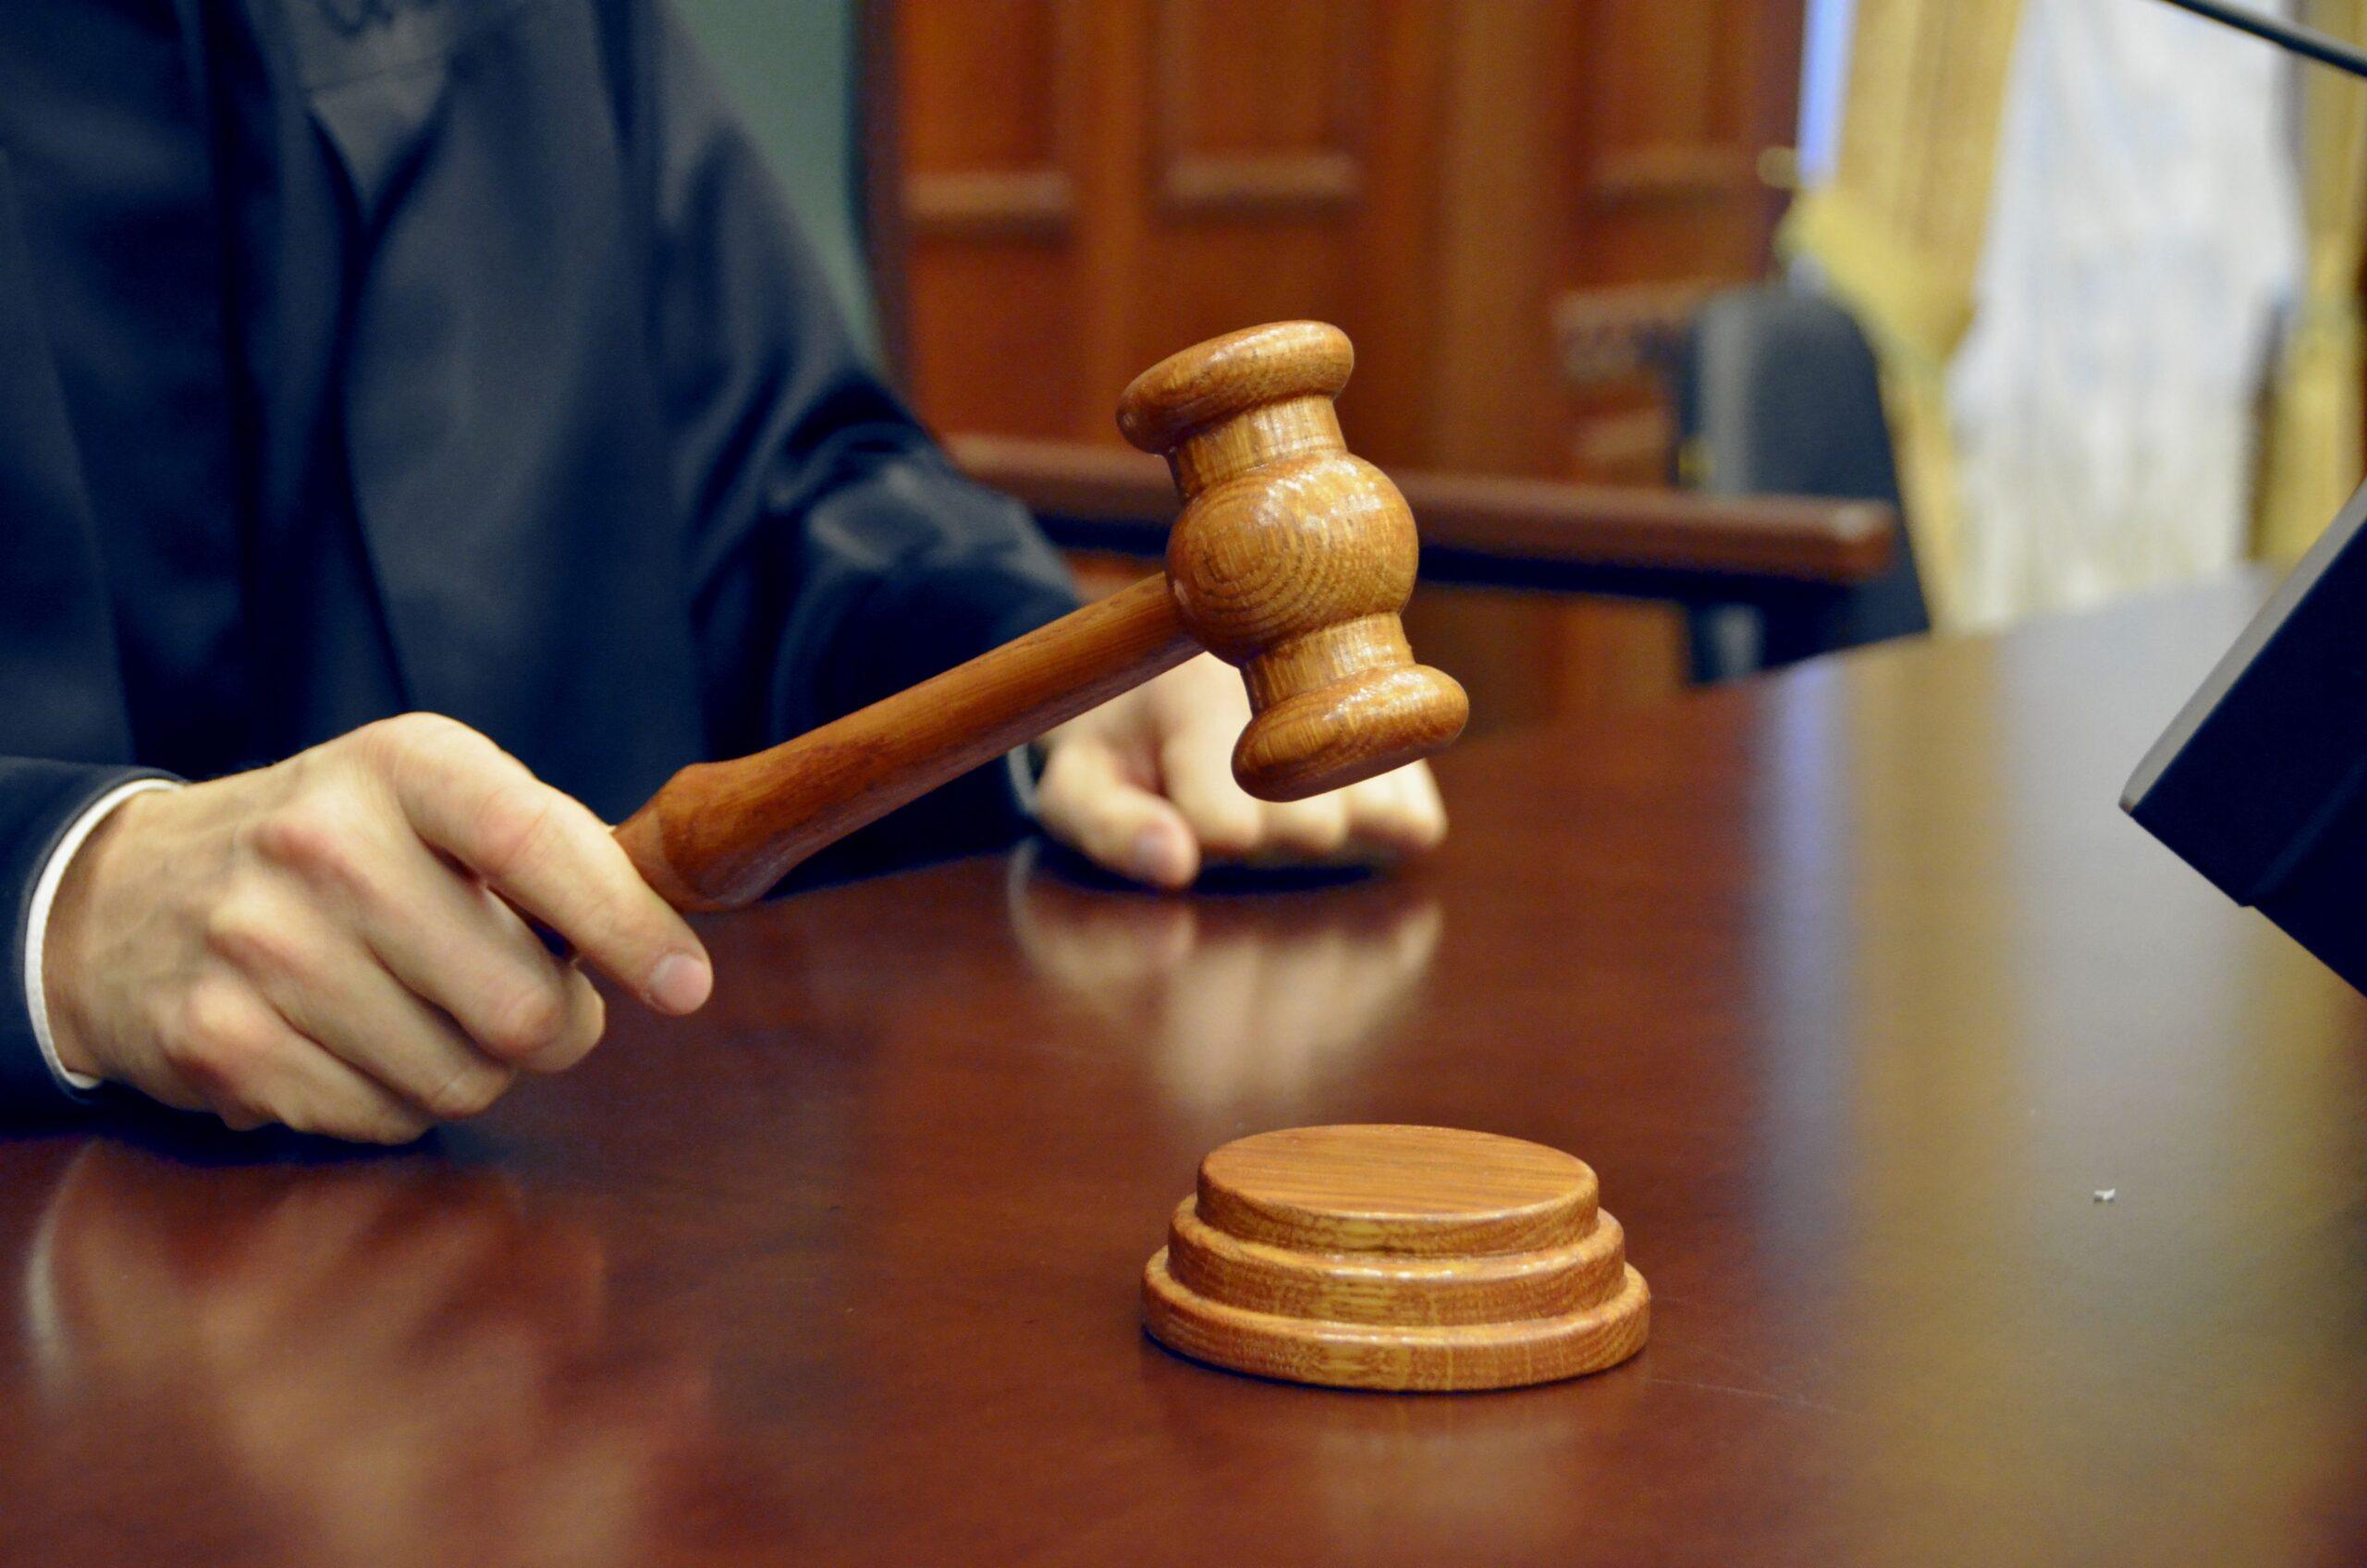 Московских врачей осудили на три года условно за перепродажу онкопрепаратов